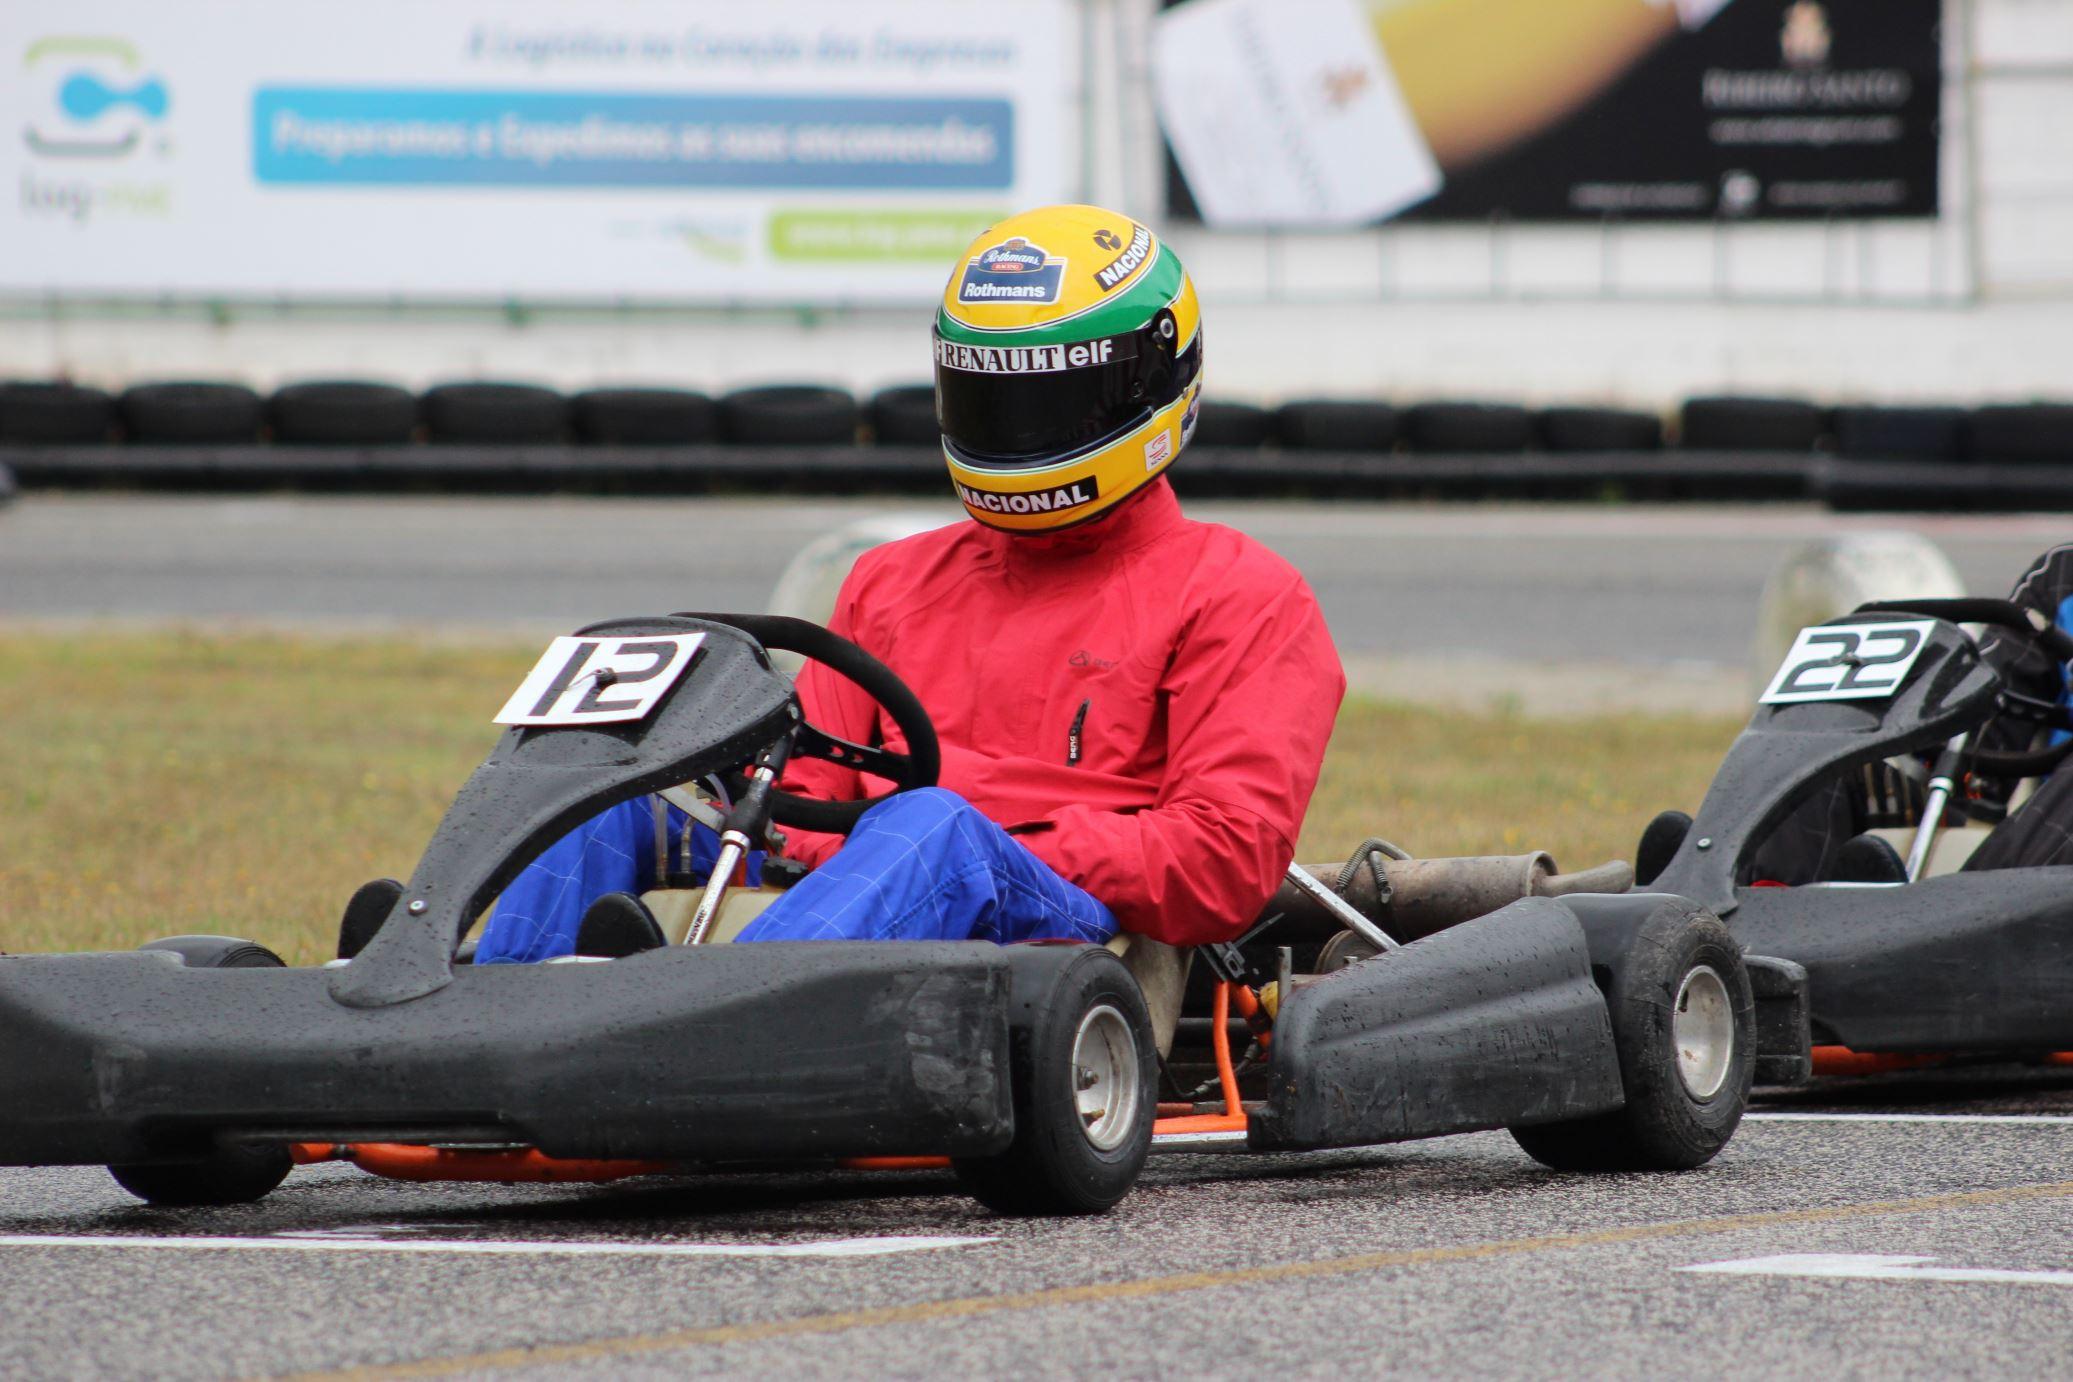 Troféu Honda 2014 - 2ª Prova49